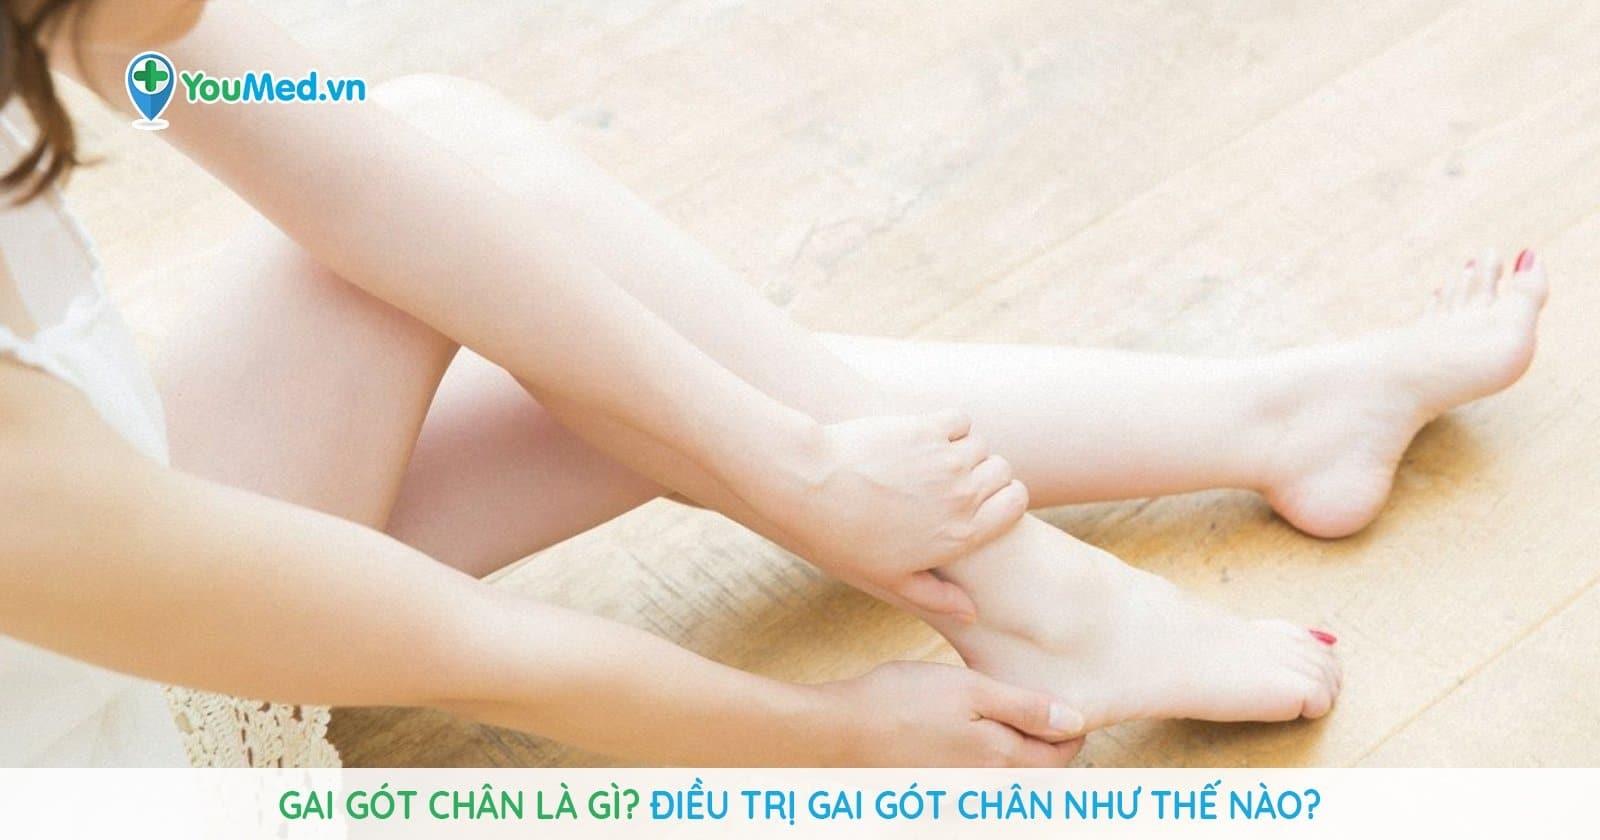 Gai gót chân là gì? Điều trị gai gót chân như thế nào?